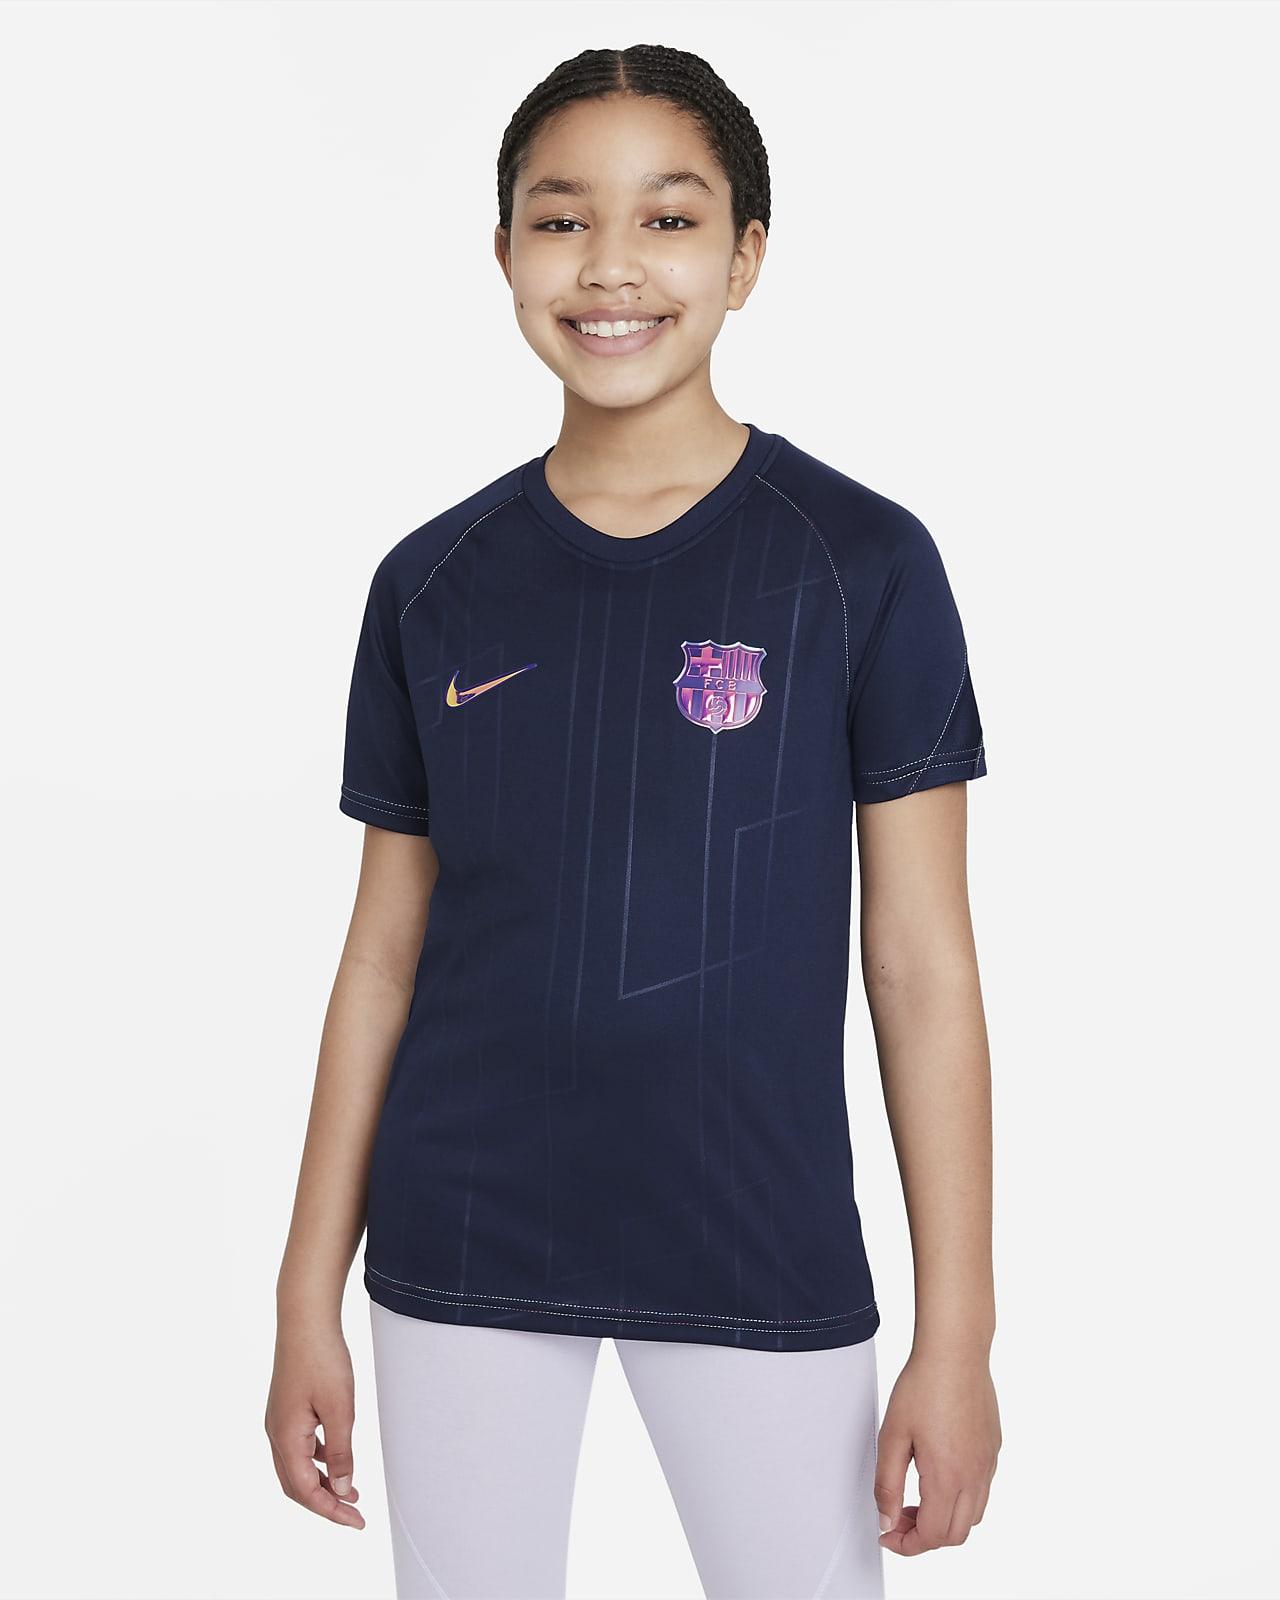 Playera de fútbol para antes del partido Nike Dri-FIT para niños talla grande FC Barcelona visitante